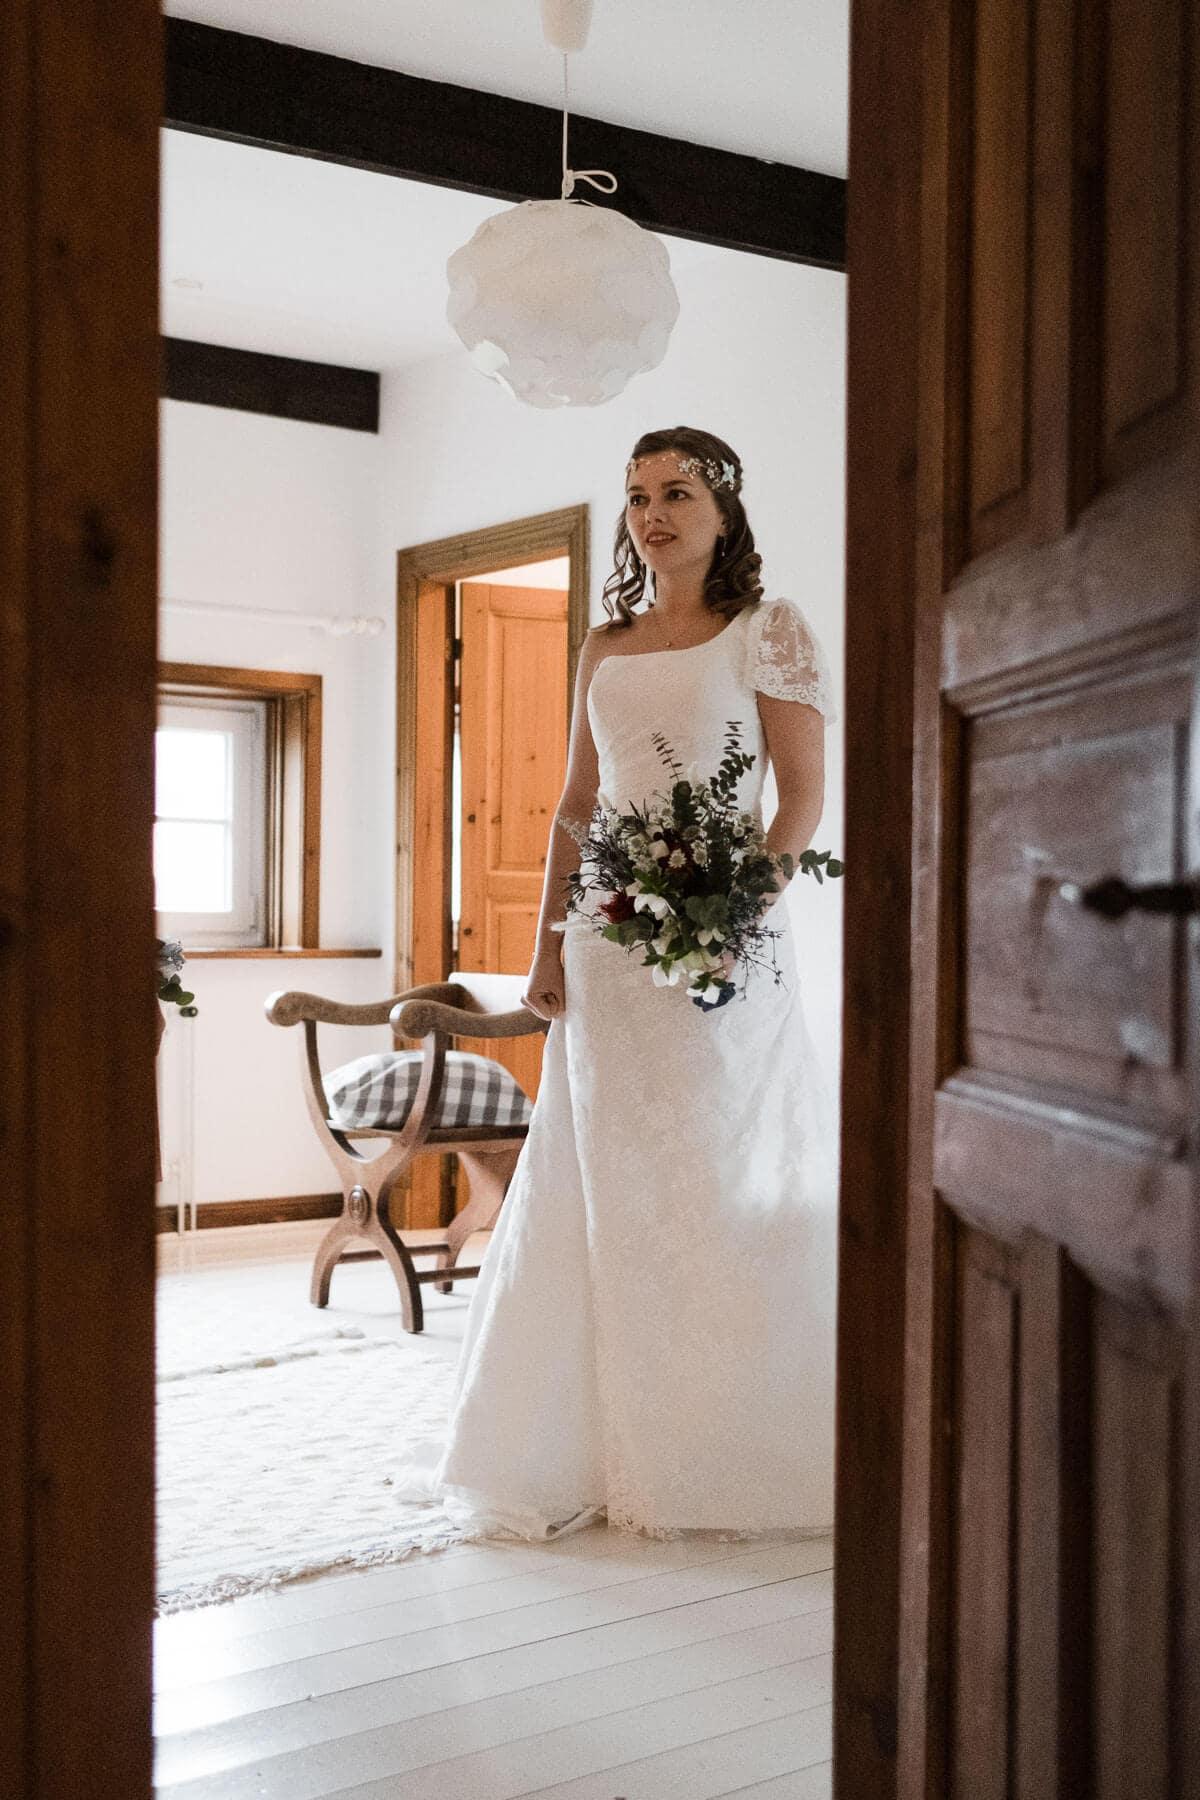 die Braut steht in ihrem Brautkleid in einem Zimmer in einem Landhaus, in ihrer Hand hält sie einen üppigen Blumenstrauß